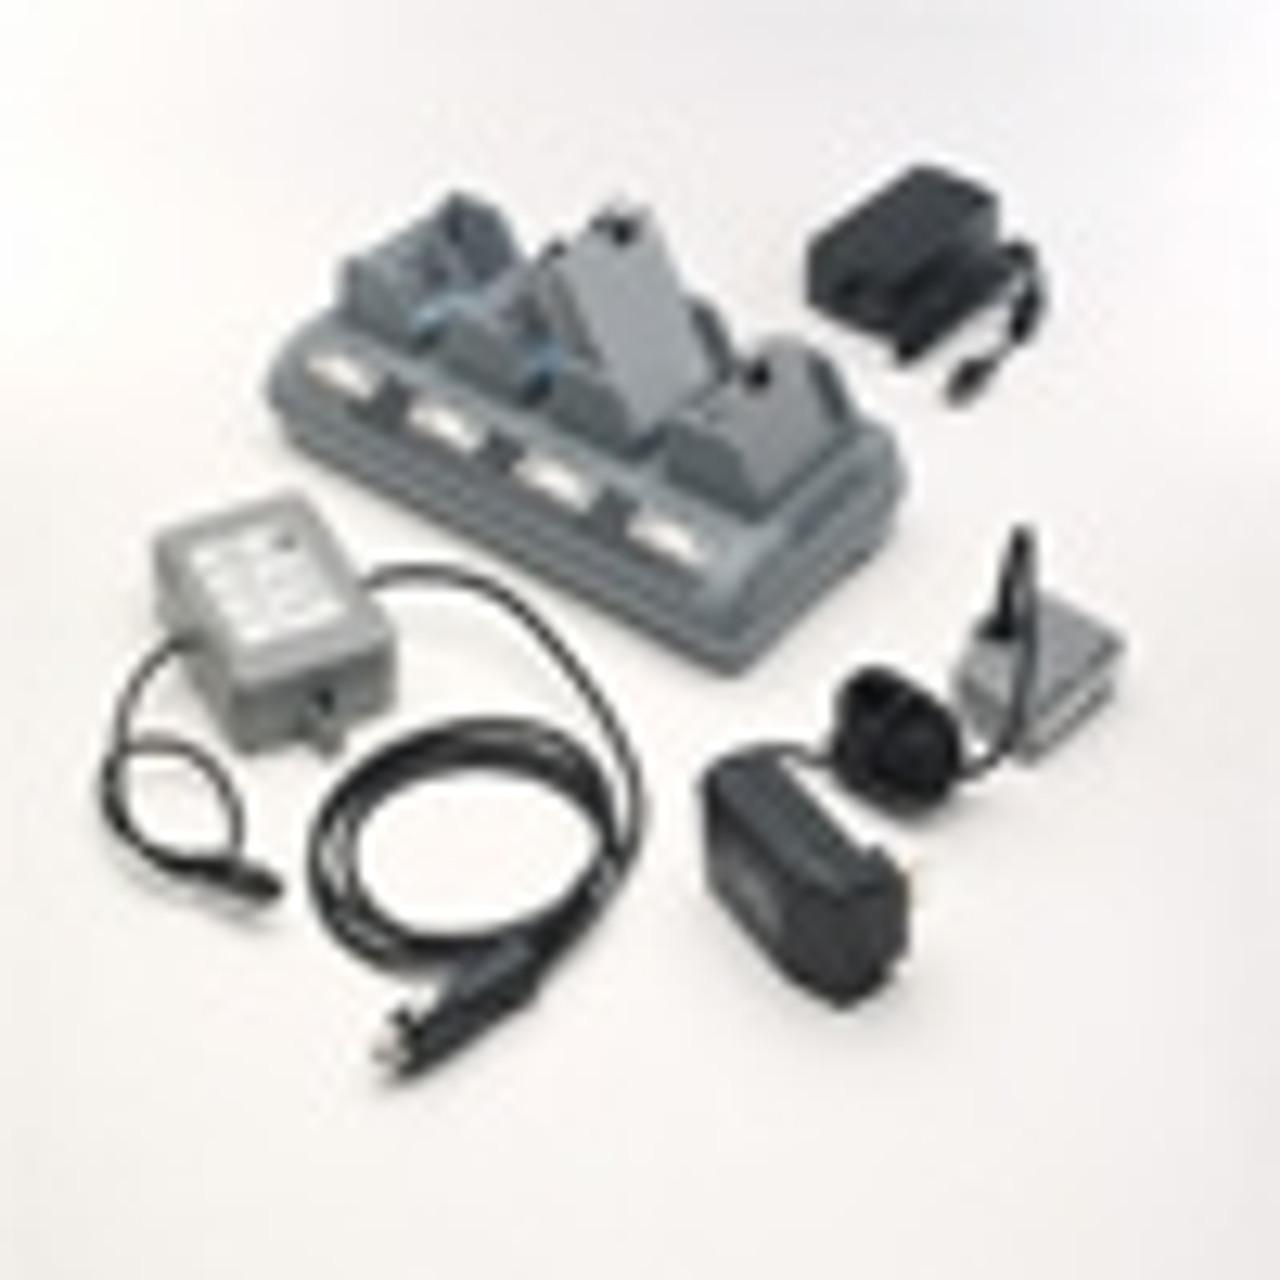 ZT220 & ZT230 Accessories